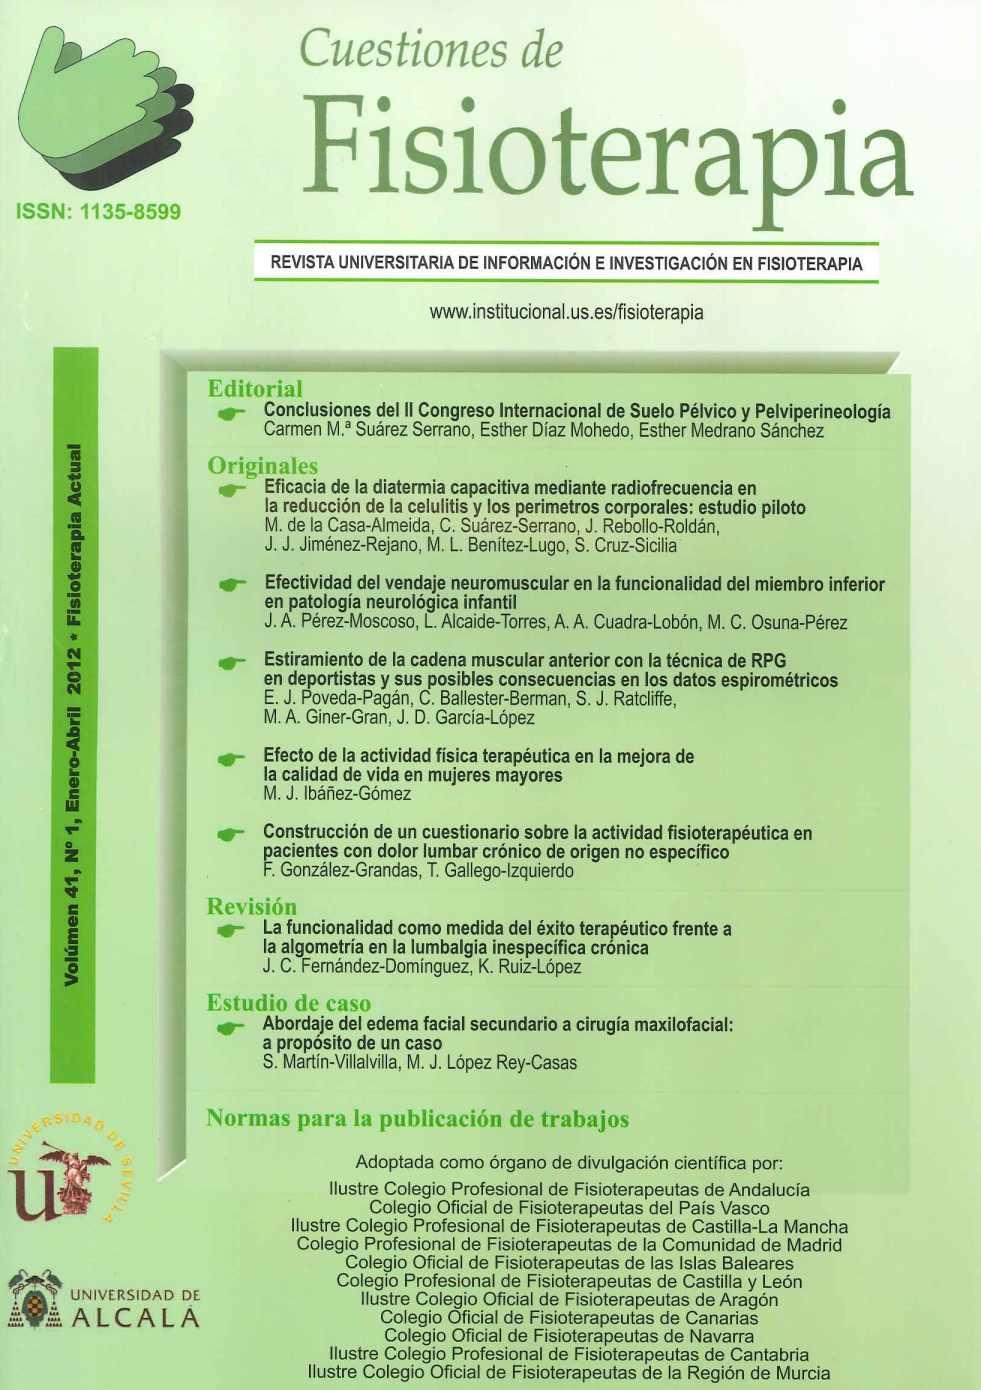 Normas de publicación - Cuestiones de Fisioterapia